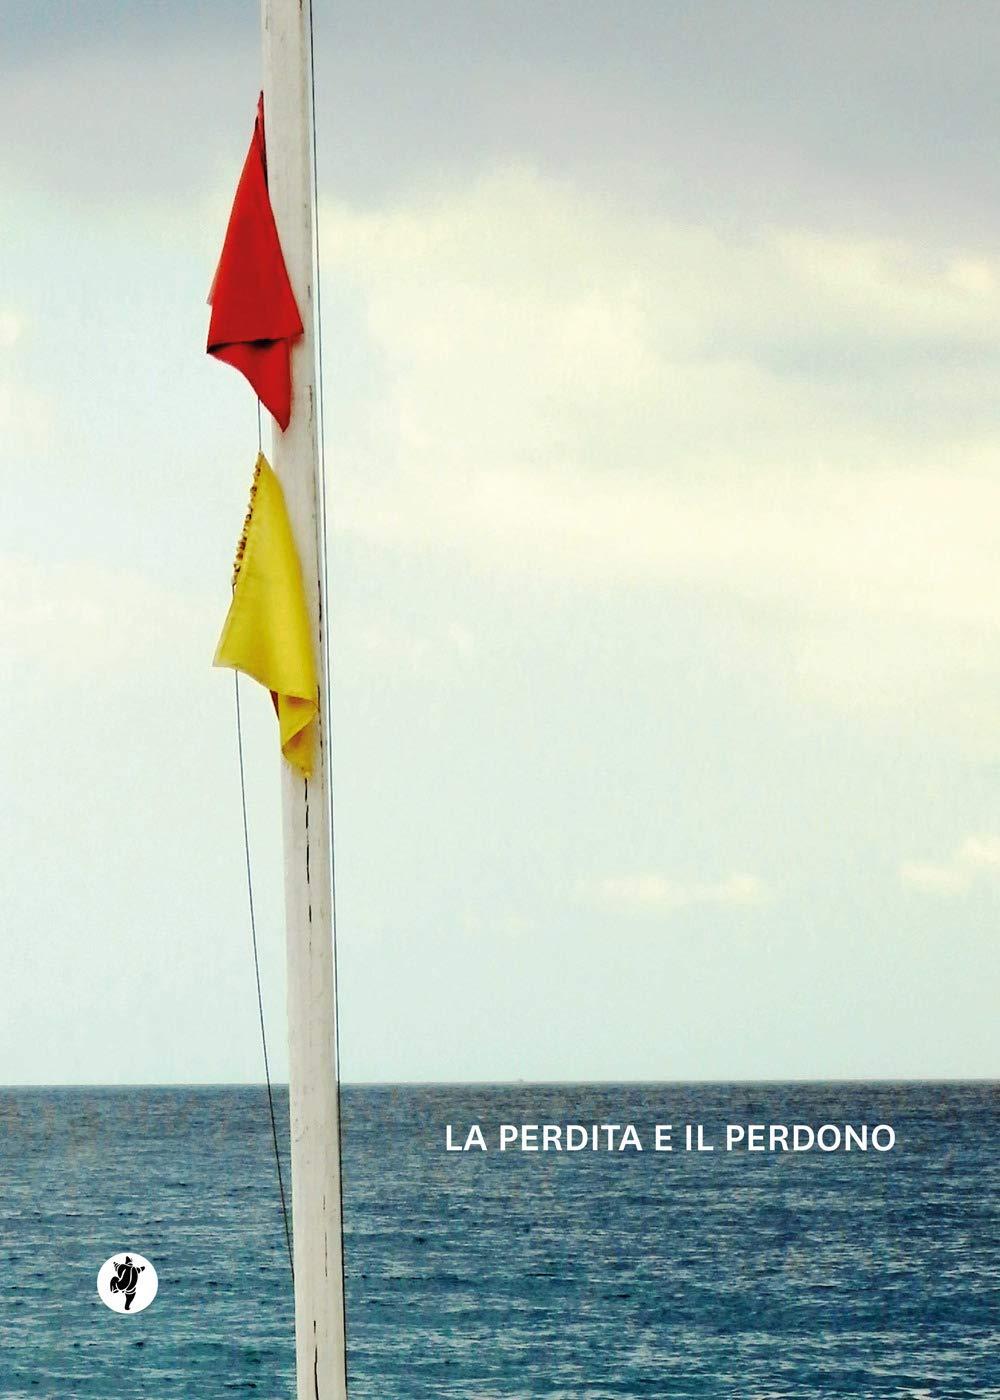 """Crepuscolarismo e parodia in """"La perdita e il perdono"""" di Roberto R. Corsi"""